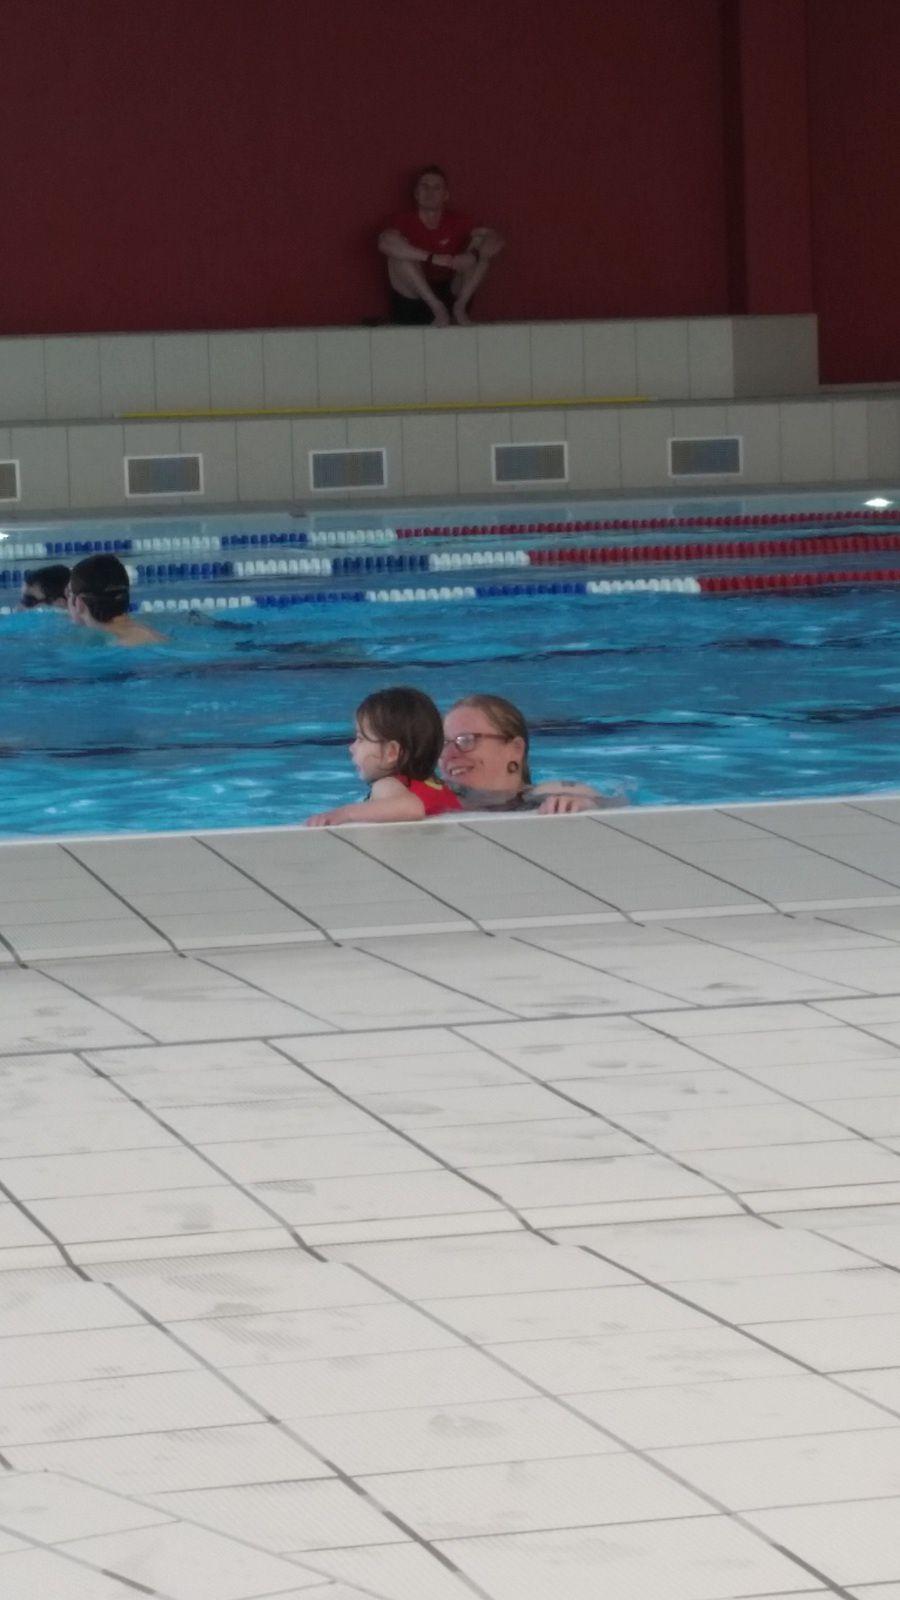 c'est trop bien la piscine avec les cousines (et cousin) et tata ... et maman !! Il faudra bien quelques croques monsieur pour reprendre des forces